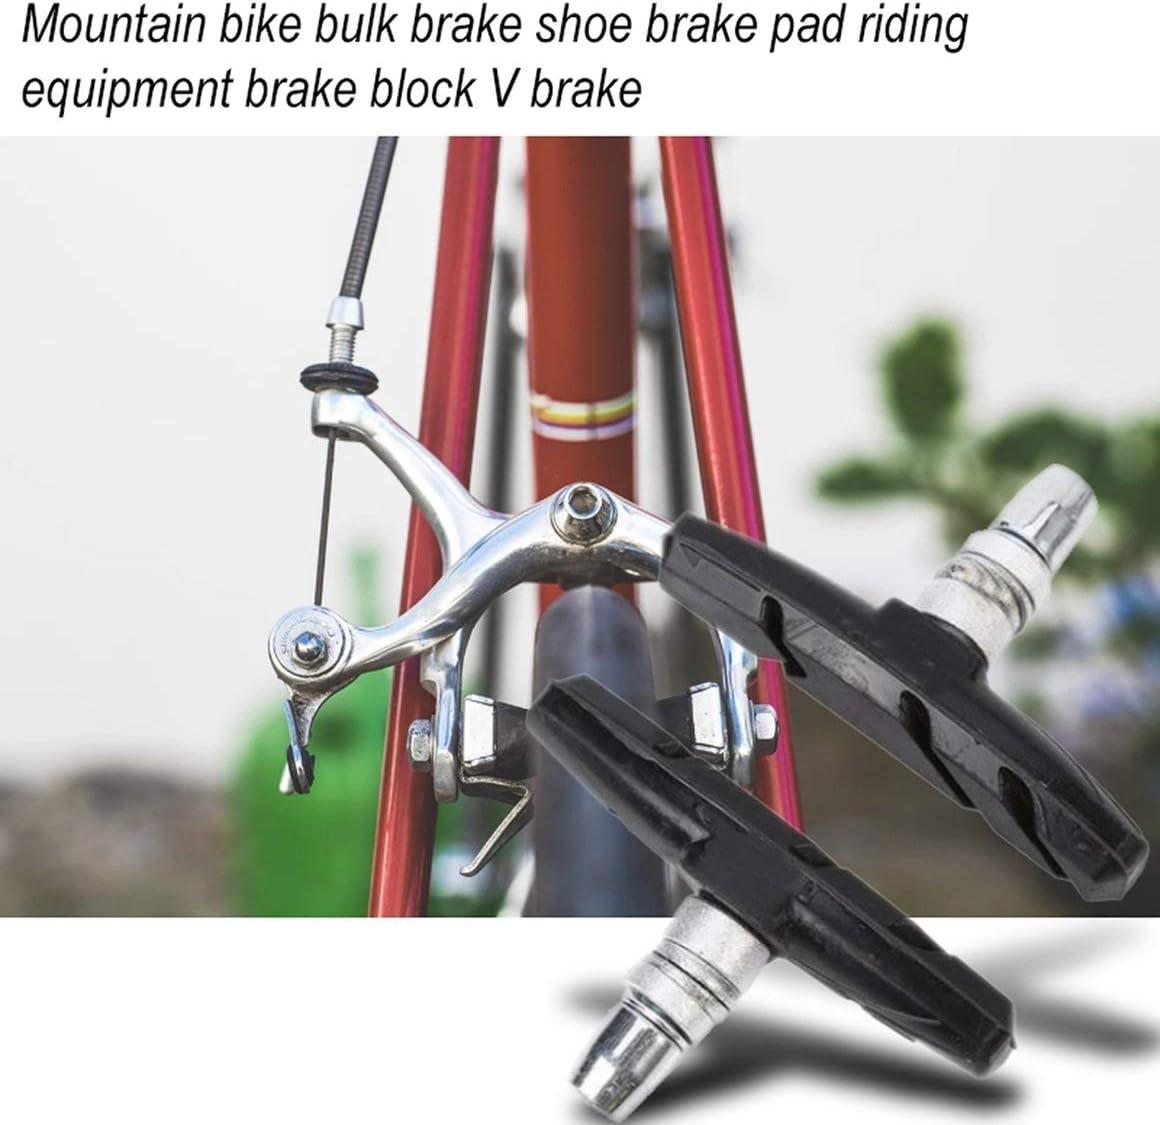 Funnyrunstore Bicicleta de monta/ña Zapata de Freno a Granel Pastillas de Freno Equipo de conducci/ón Bloque de Freno V Freno Negro